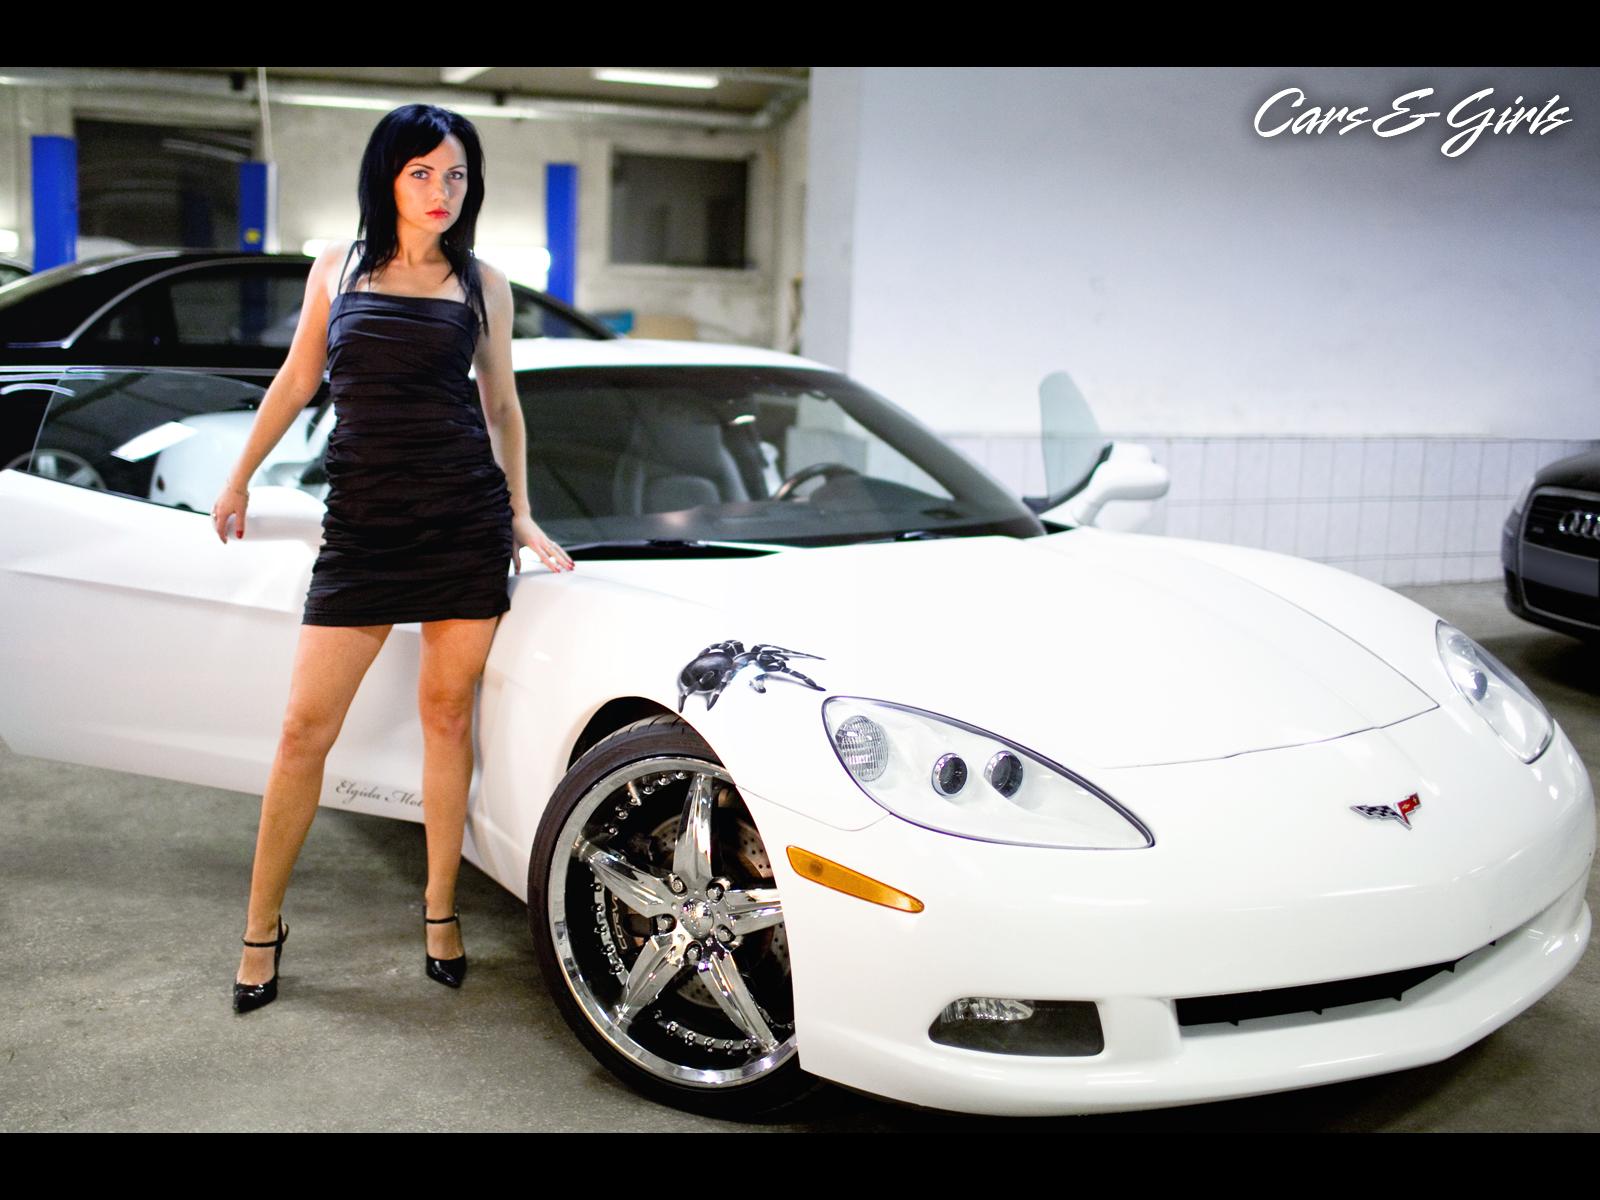 Смотреть порно с симпатичной брюнеткой в автомобиле мерседес бенс 11 фотография